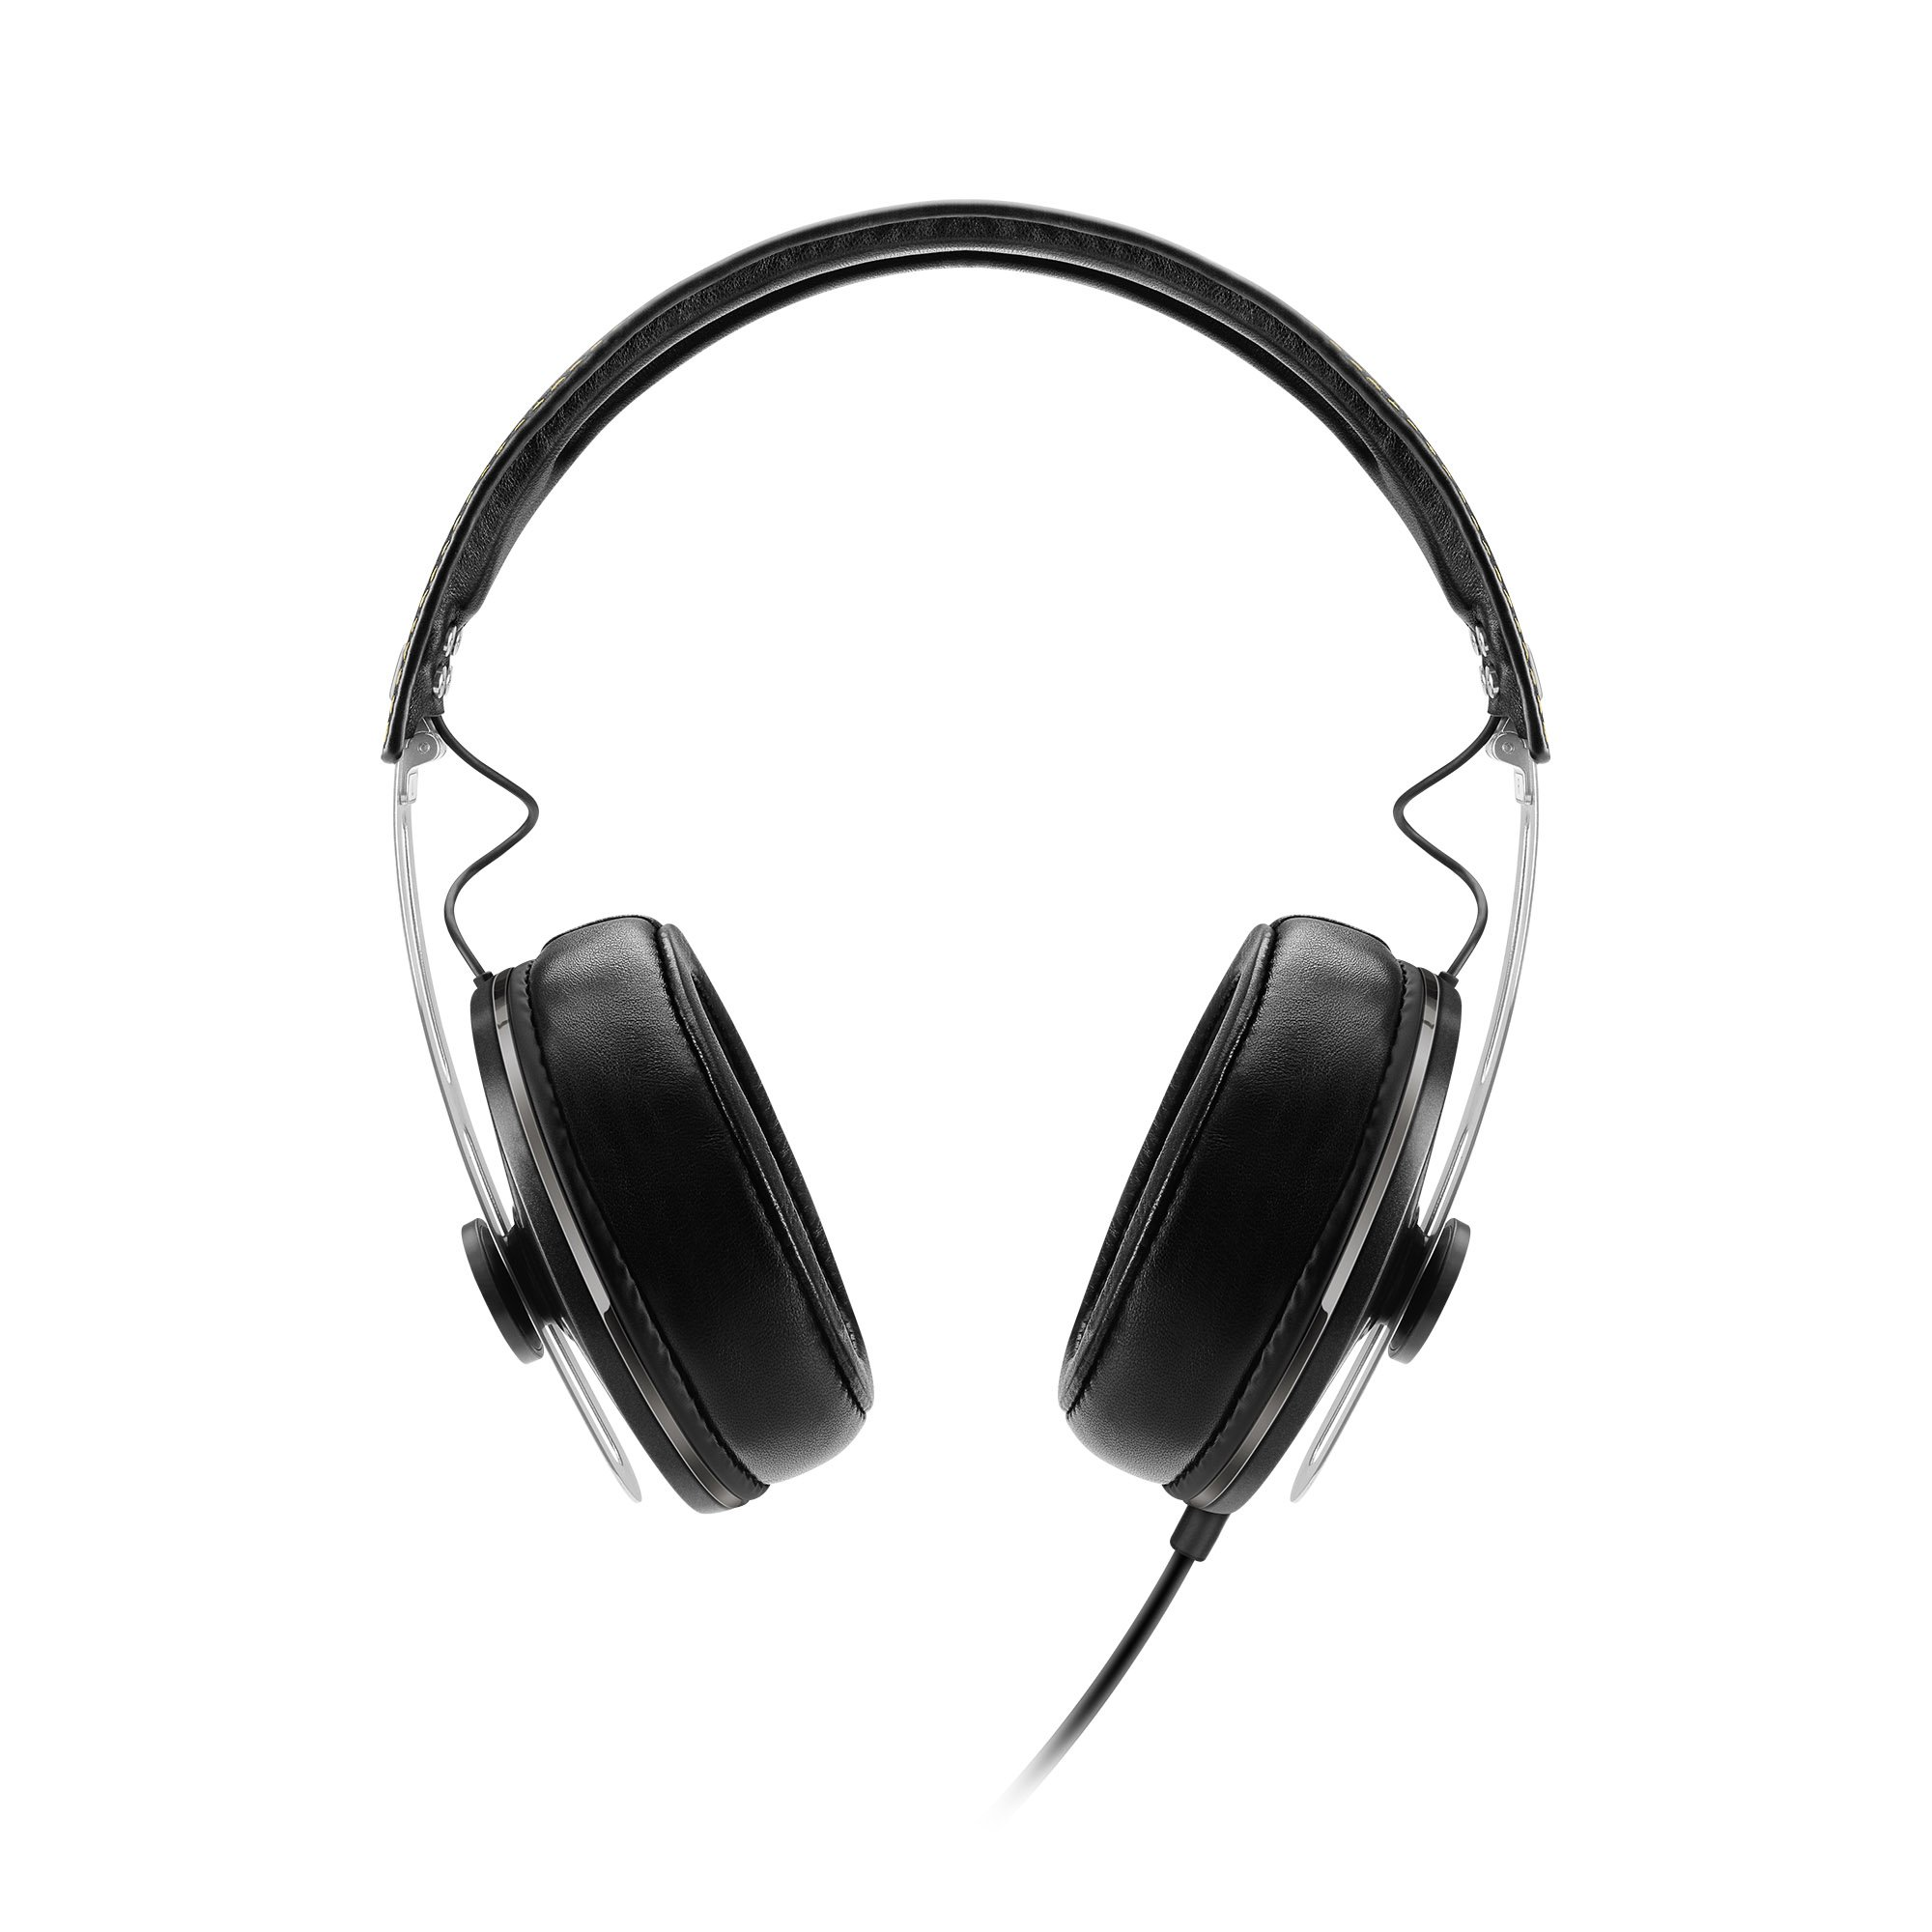 Sennheiser Momentum 2.0 for Apple Devices - Black